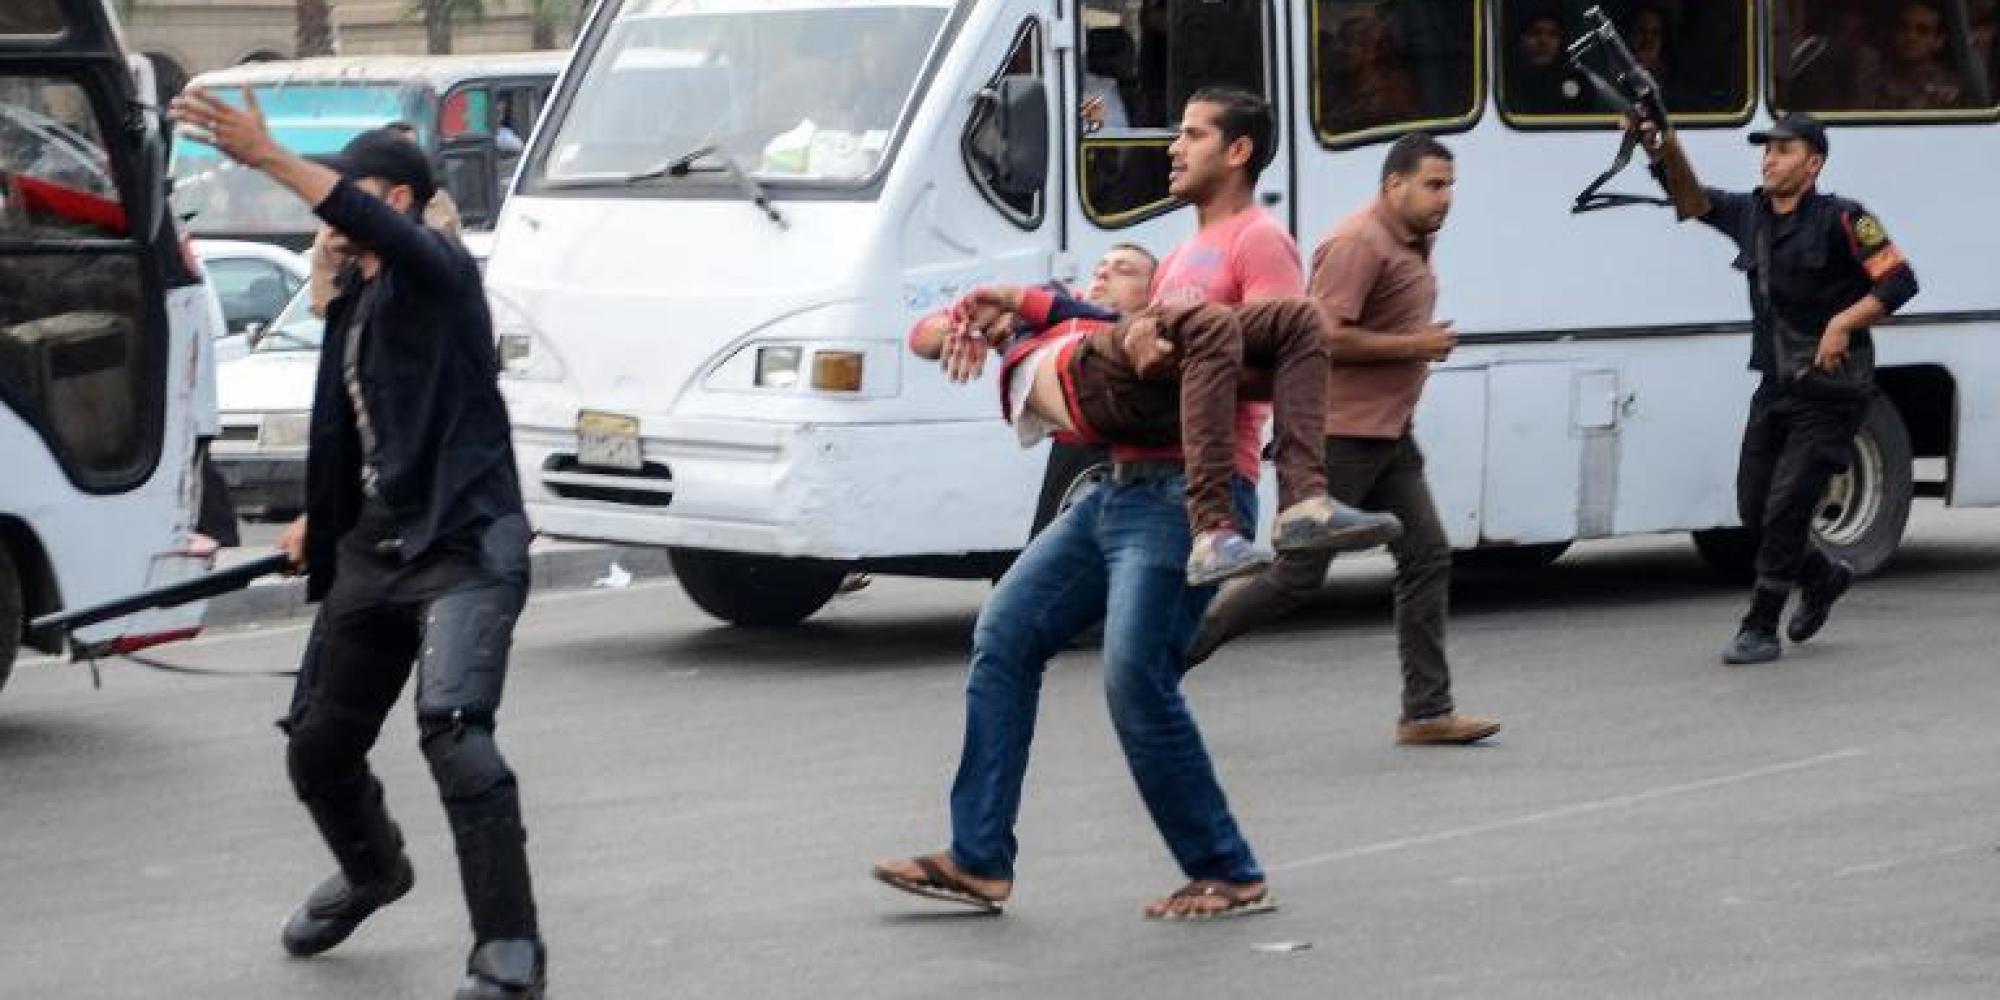 Attentat Facebook: Egypte: 30 Soldats Tués Dans Un Attentat Suicide, L'état D